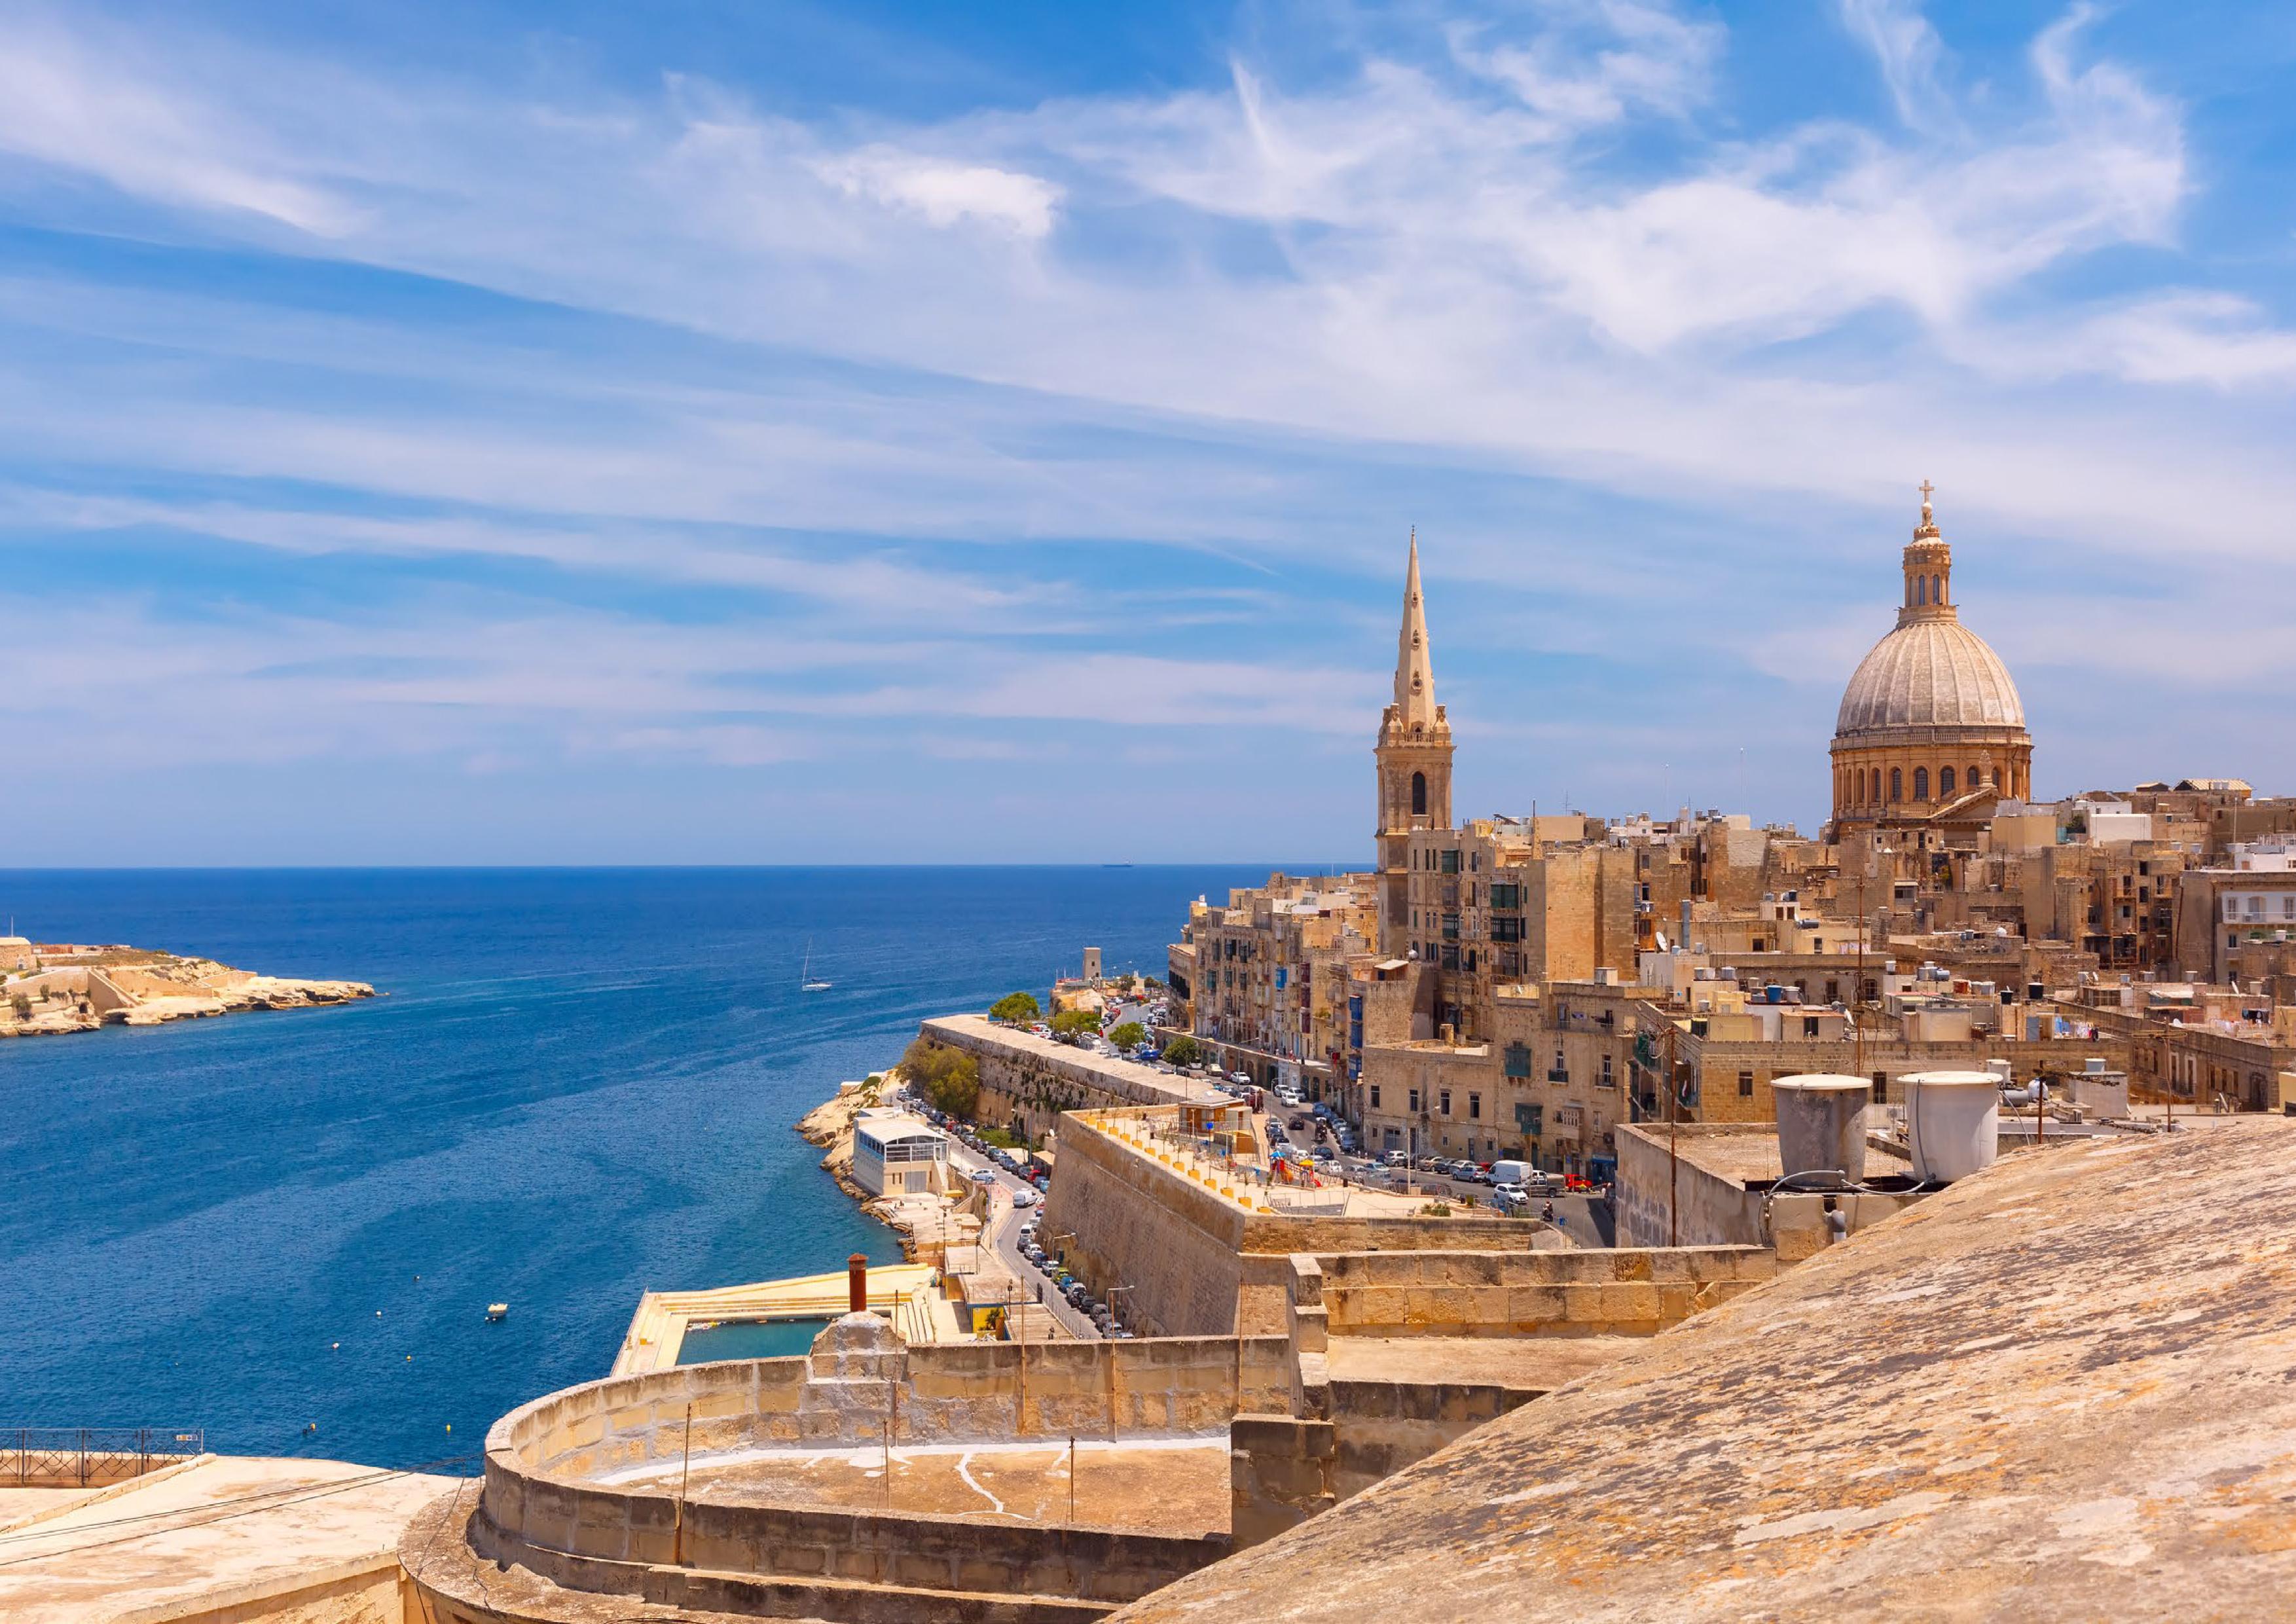 马耳他旅游局与四家旅业伙伴签约发布三大主题线路